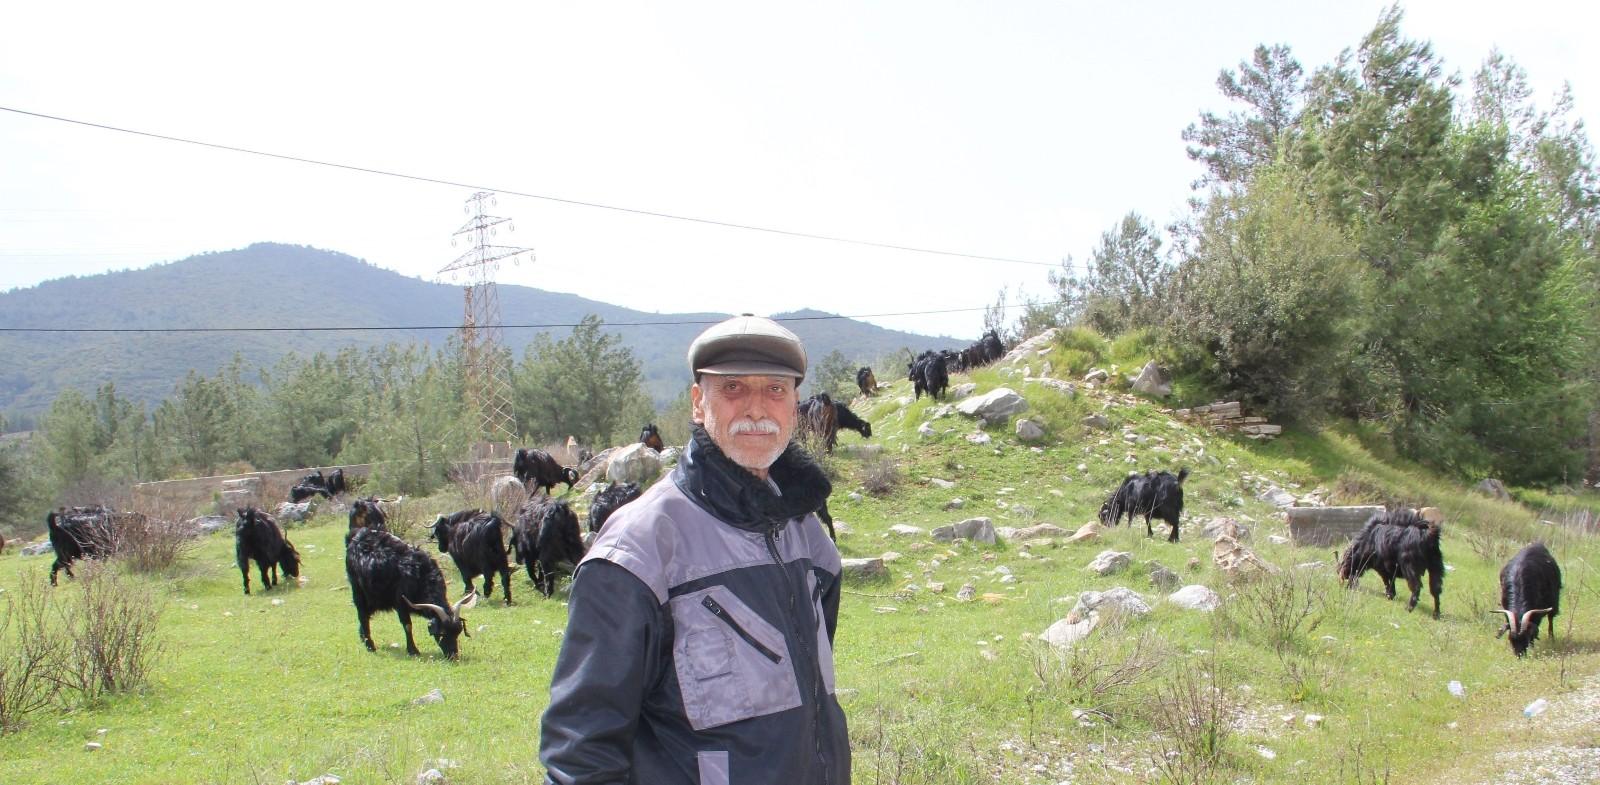 Muğla'da 73 yaşındaki amca çobanlara kız verilmediğinden şikayetçi